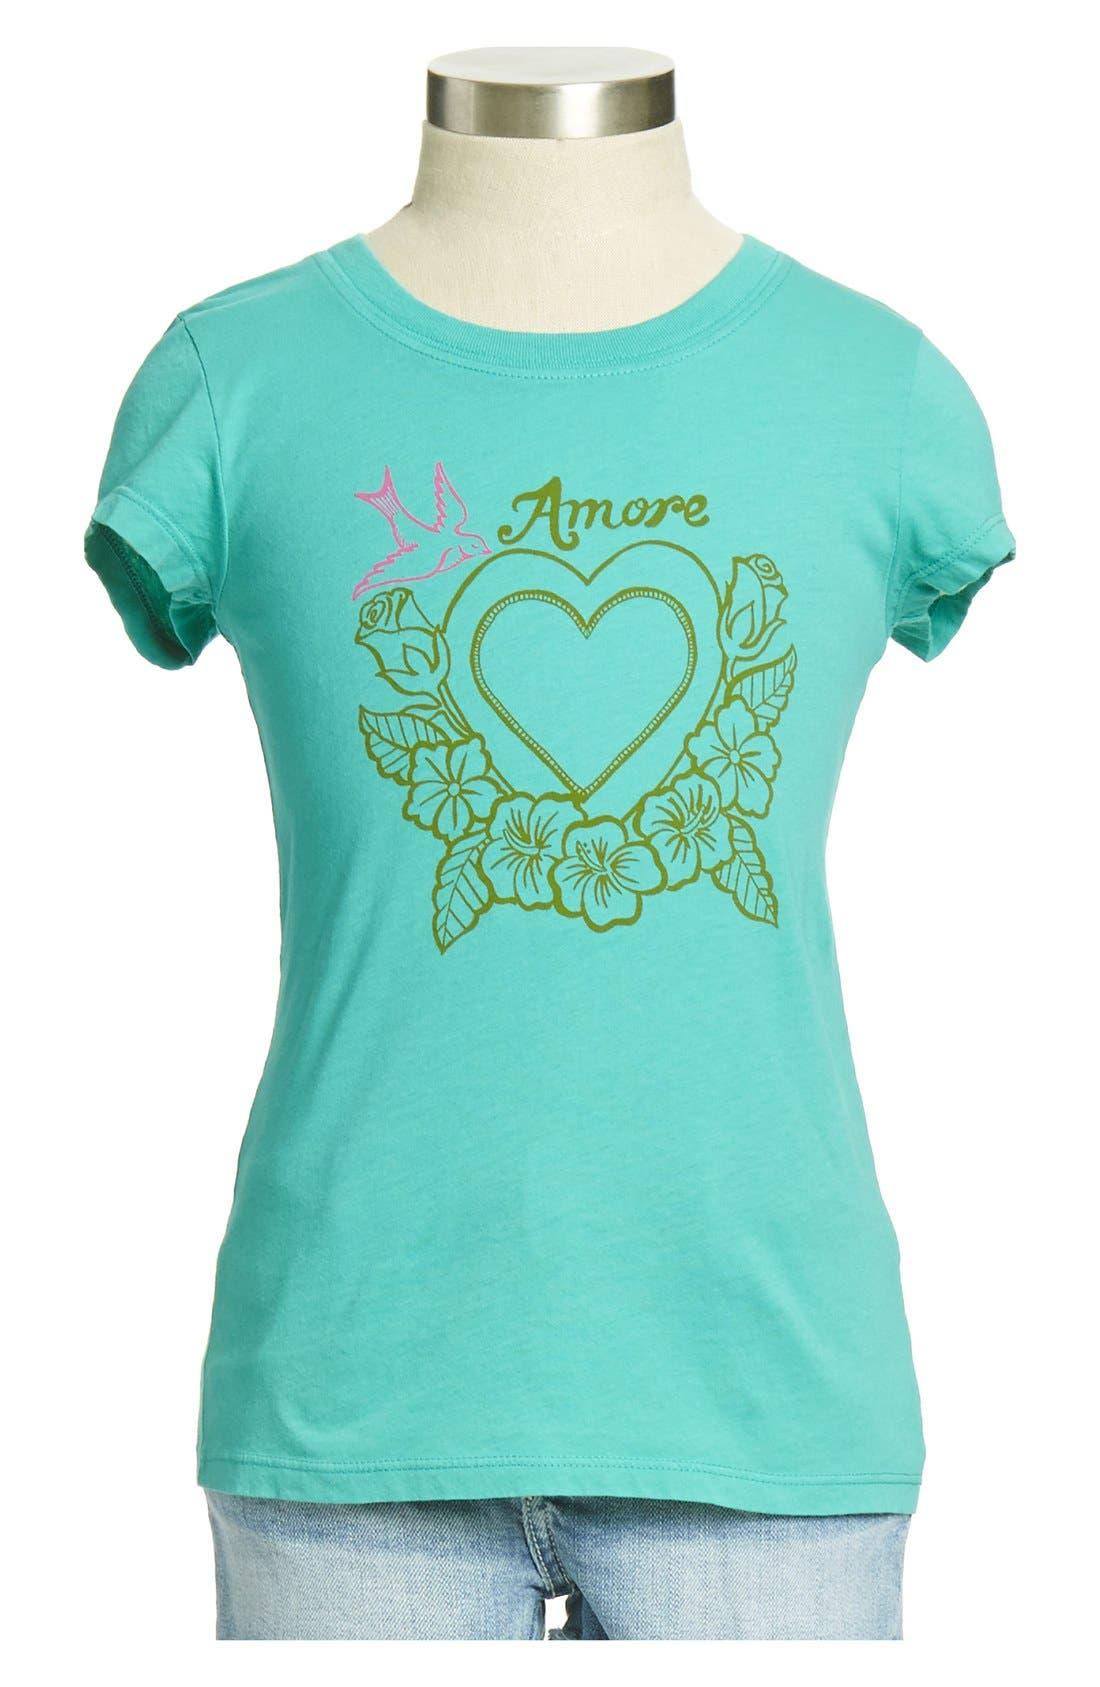 Alternate Image 1 Selected - Peek 'Amore' Graphic Cotton Tee (Toddler Girls, Little Girls & Big Girls)